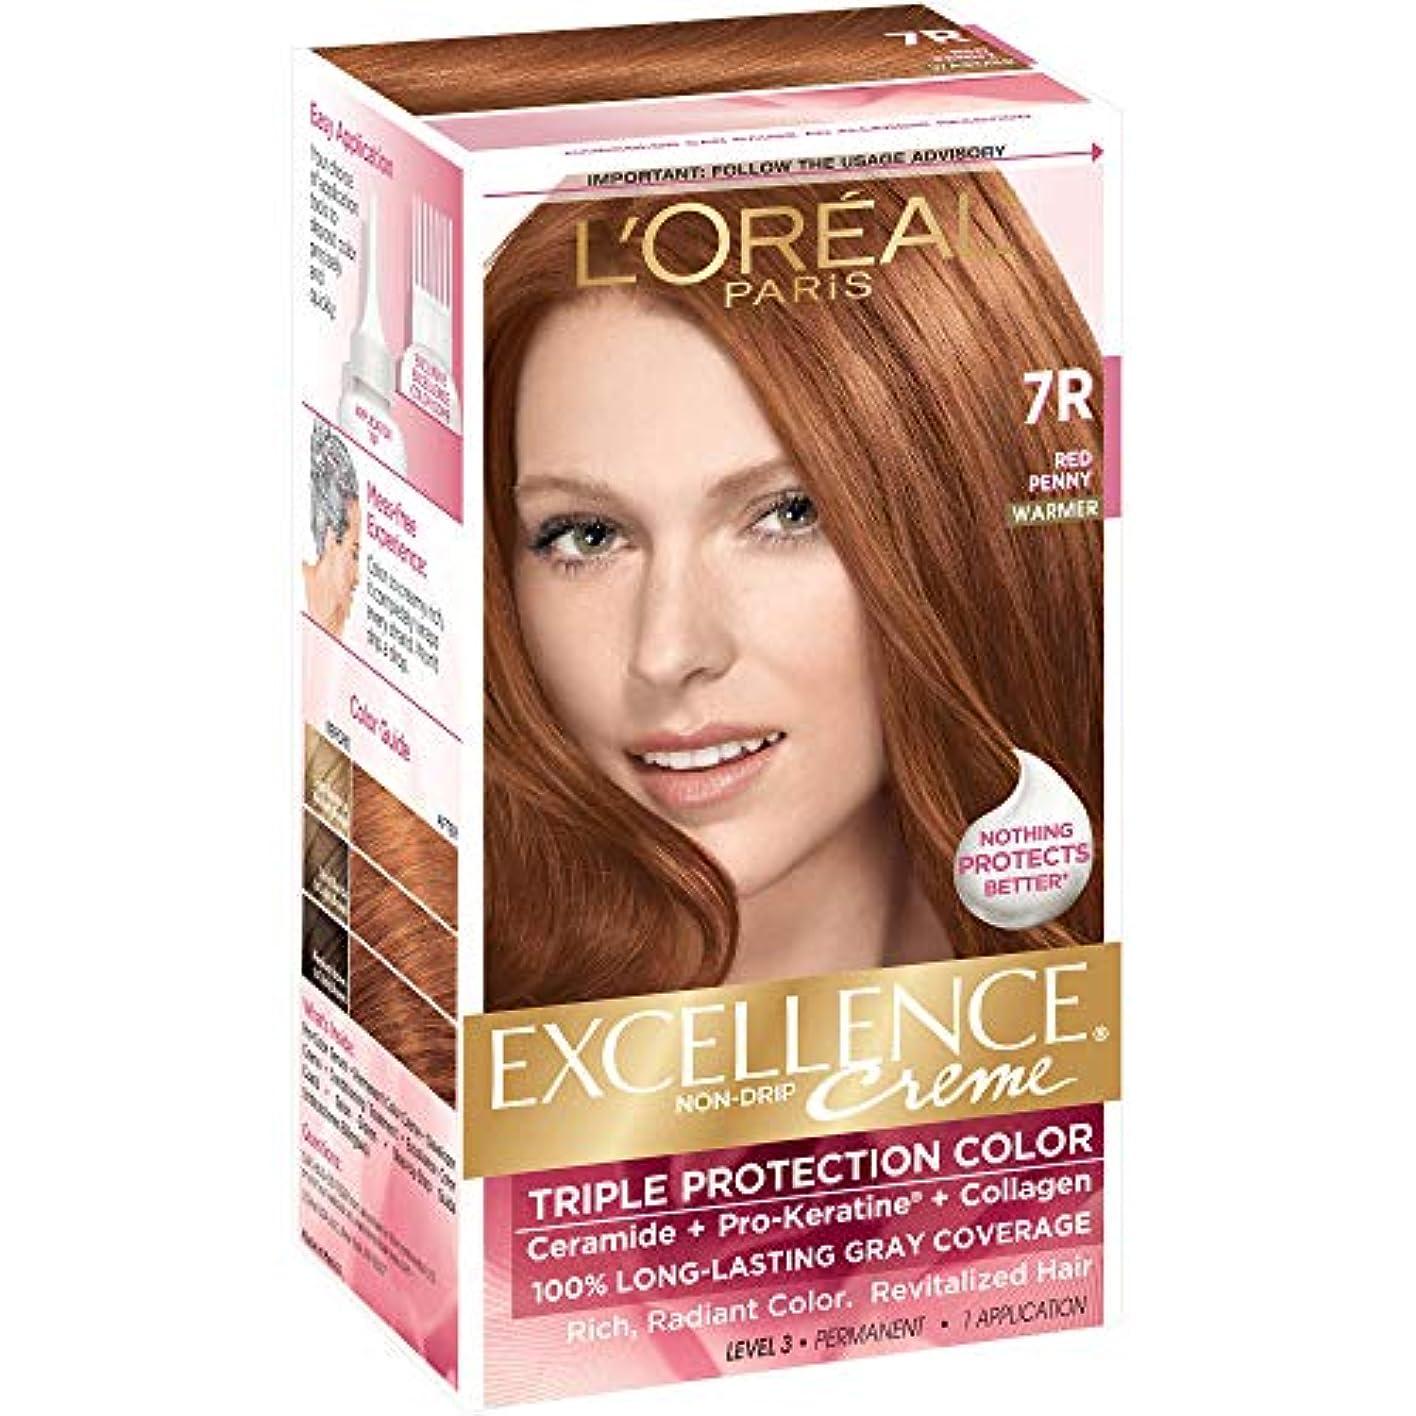 解釈散らす解明するL'Oreal Paris Excellence Non-Drip Creme Hair Color, Red Penny (Warmer) [7R] 1 ea by L'Oreal Paris